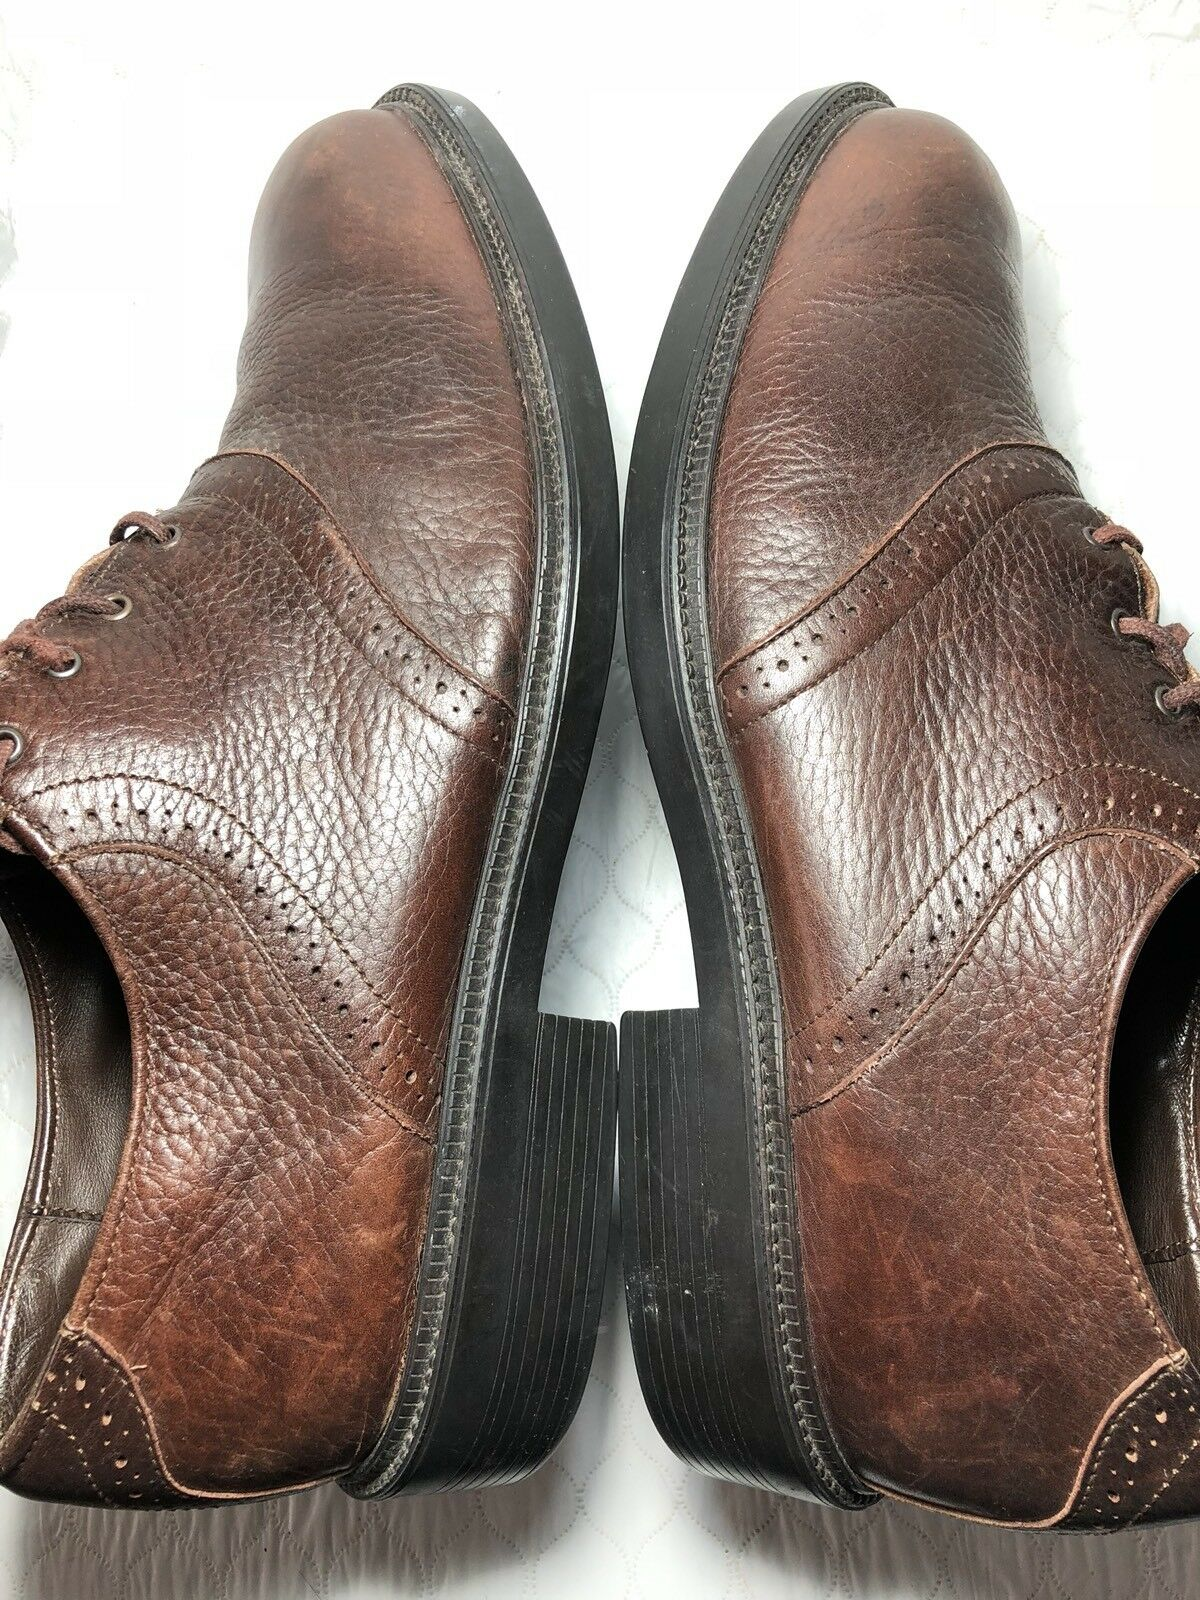 Marrón Con De Oxford Zapatos Sebago Cuero Hombre Cordones Vestir K3F1cJTl